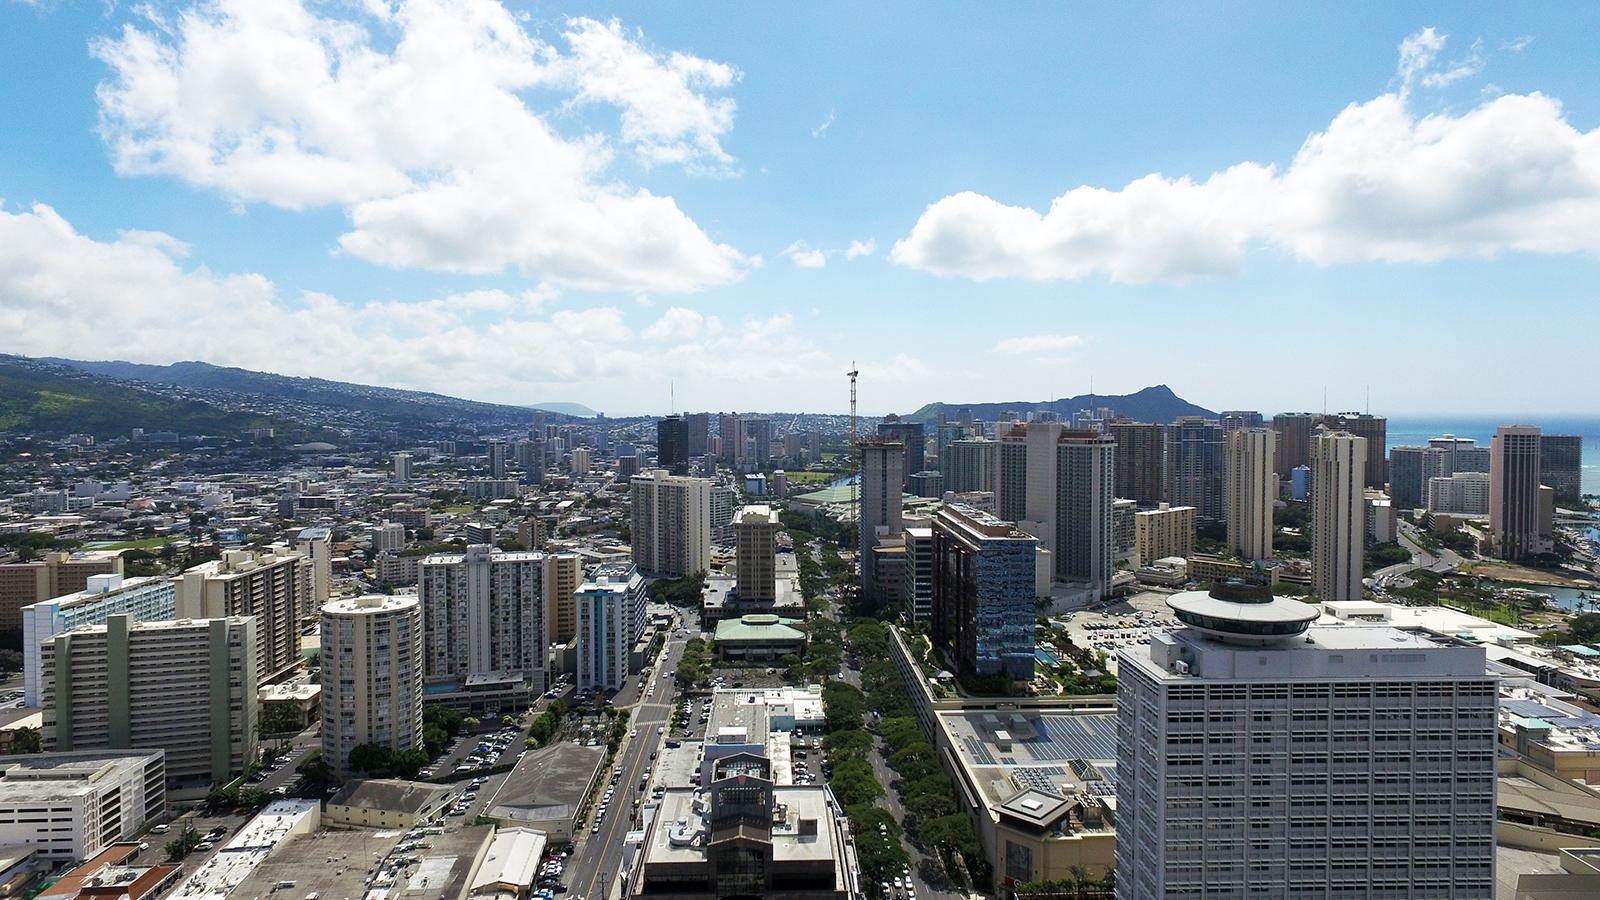 Hawaii Ocean Plaza Diamond Head View